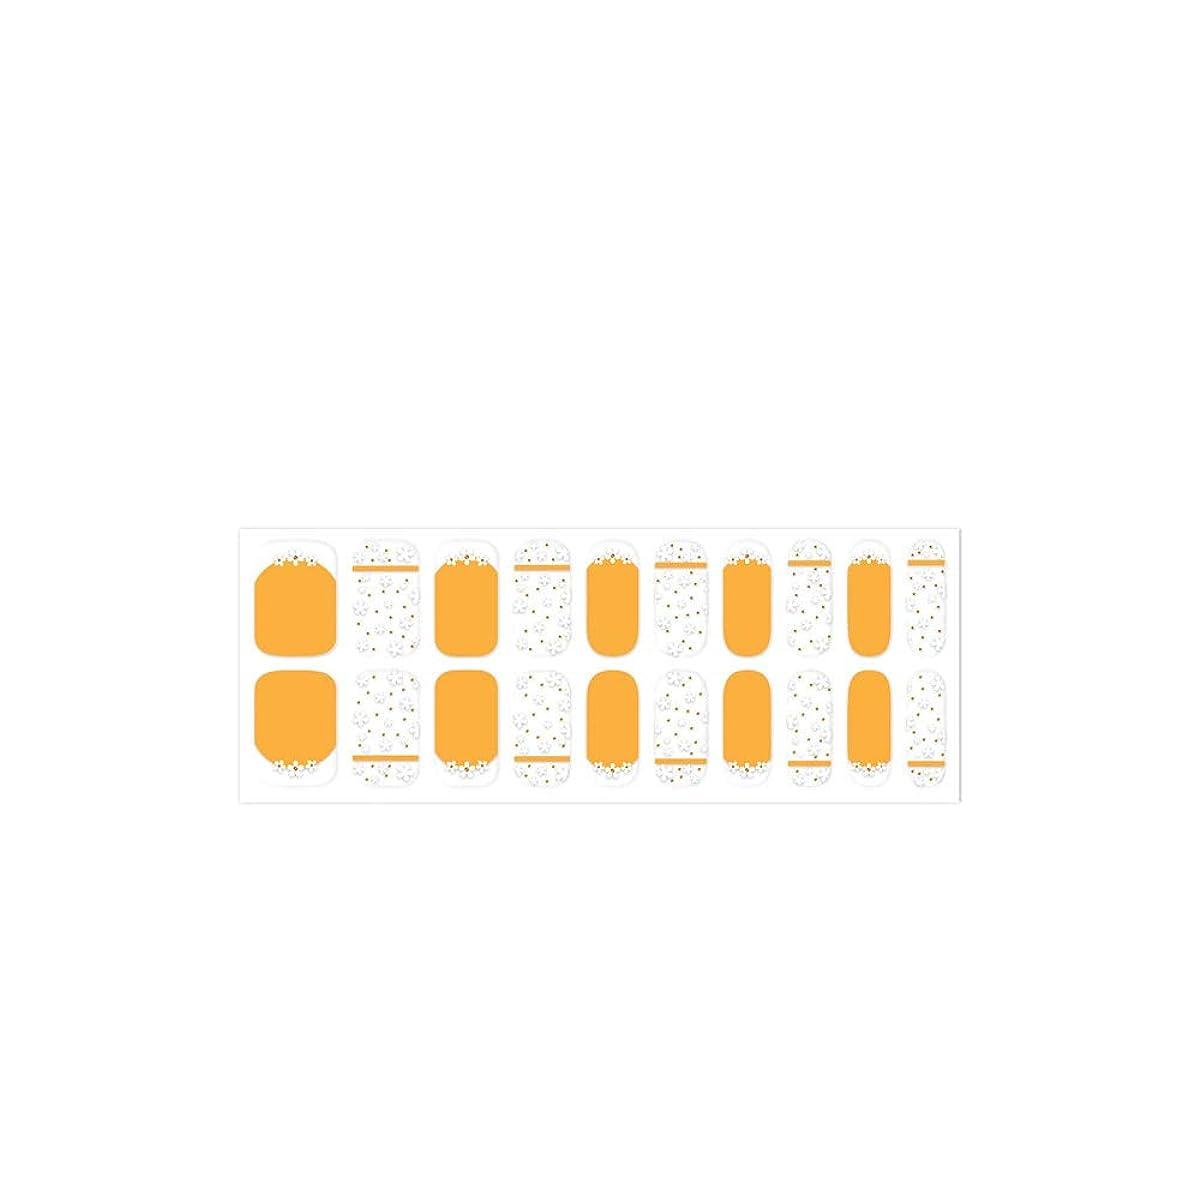 ロゴ小売めんどり爪に貼るだけで華やかになるネイルシート! 簡単セルフネイル ジェルネイル 20pcs ネイルシール ジェルネイルシール デコネイルシール VAVACOCO ペディキュア ハーフ かわいい 韓国 シンプル フルカバー ネイルパーツ シール フラワー クリア ラインテープ ツートン おしゃれ (baby flower(オレンジ))